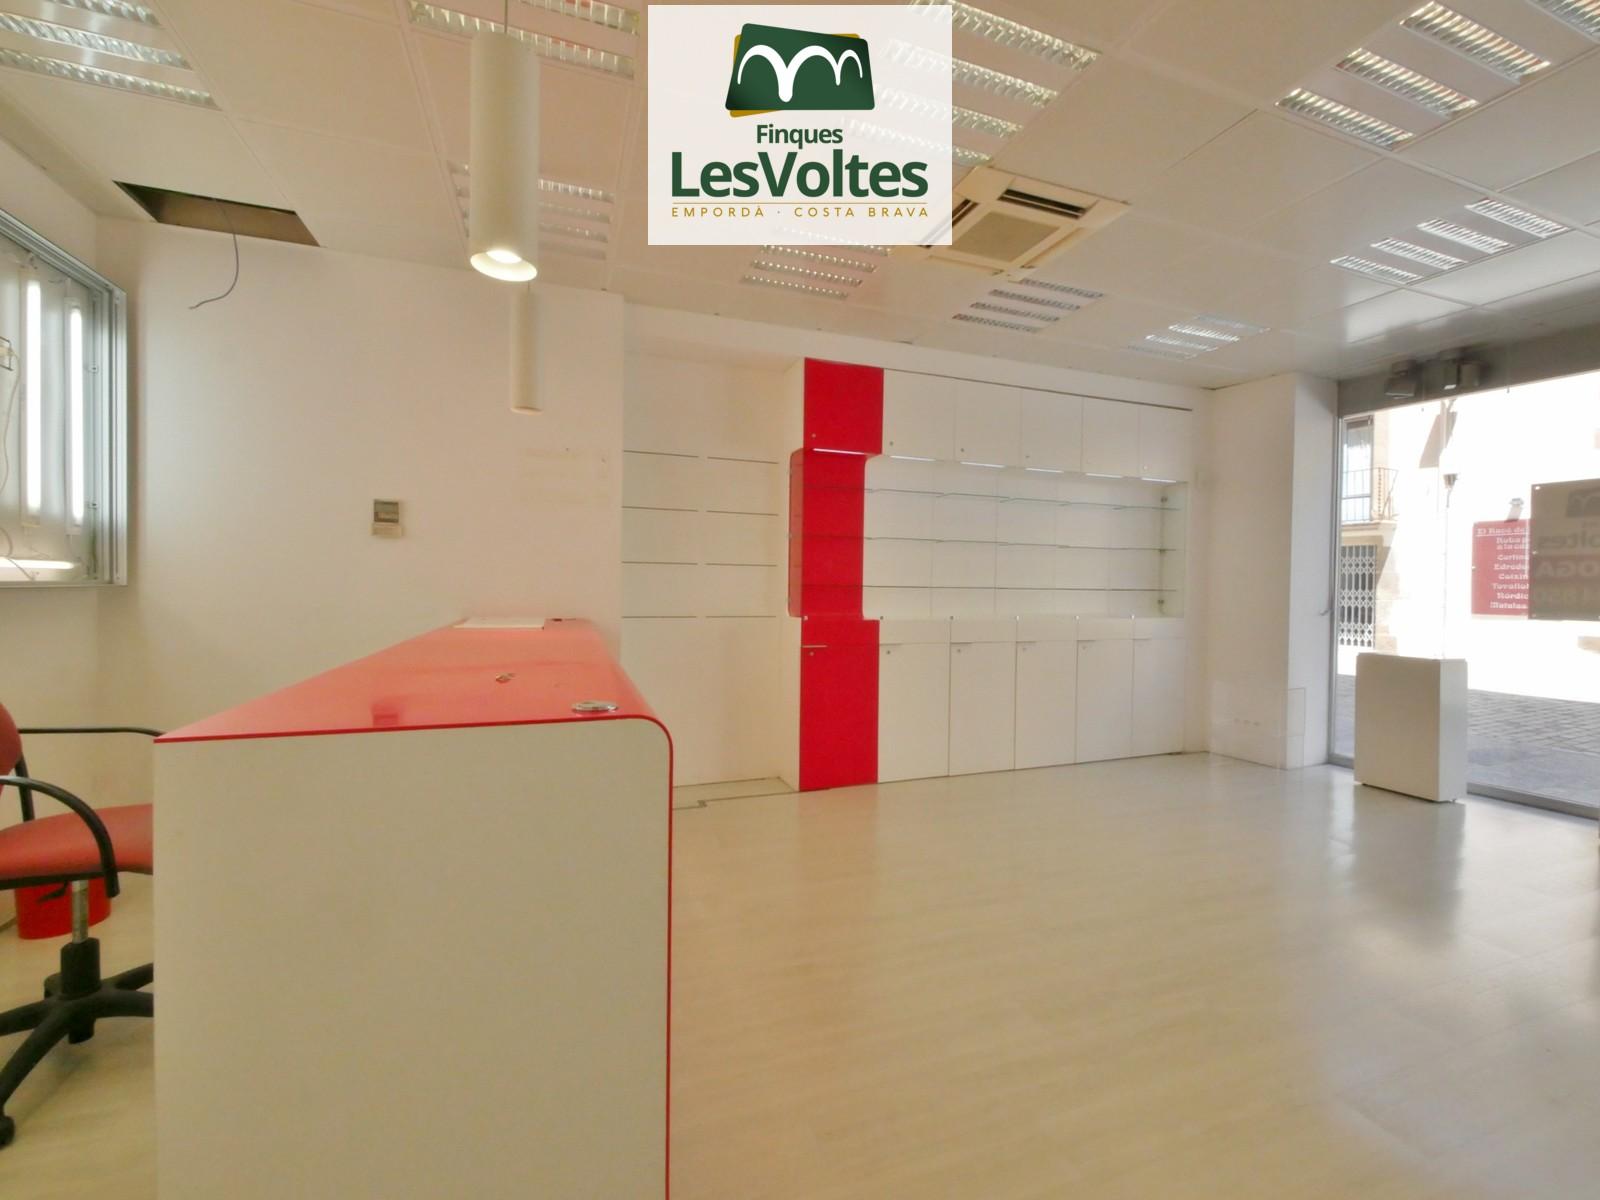 Local en alquiler en La Bisbal d'Empordà de 65 m2